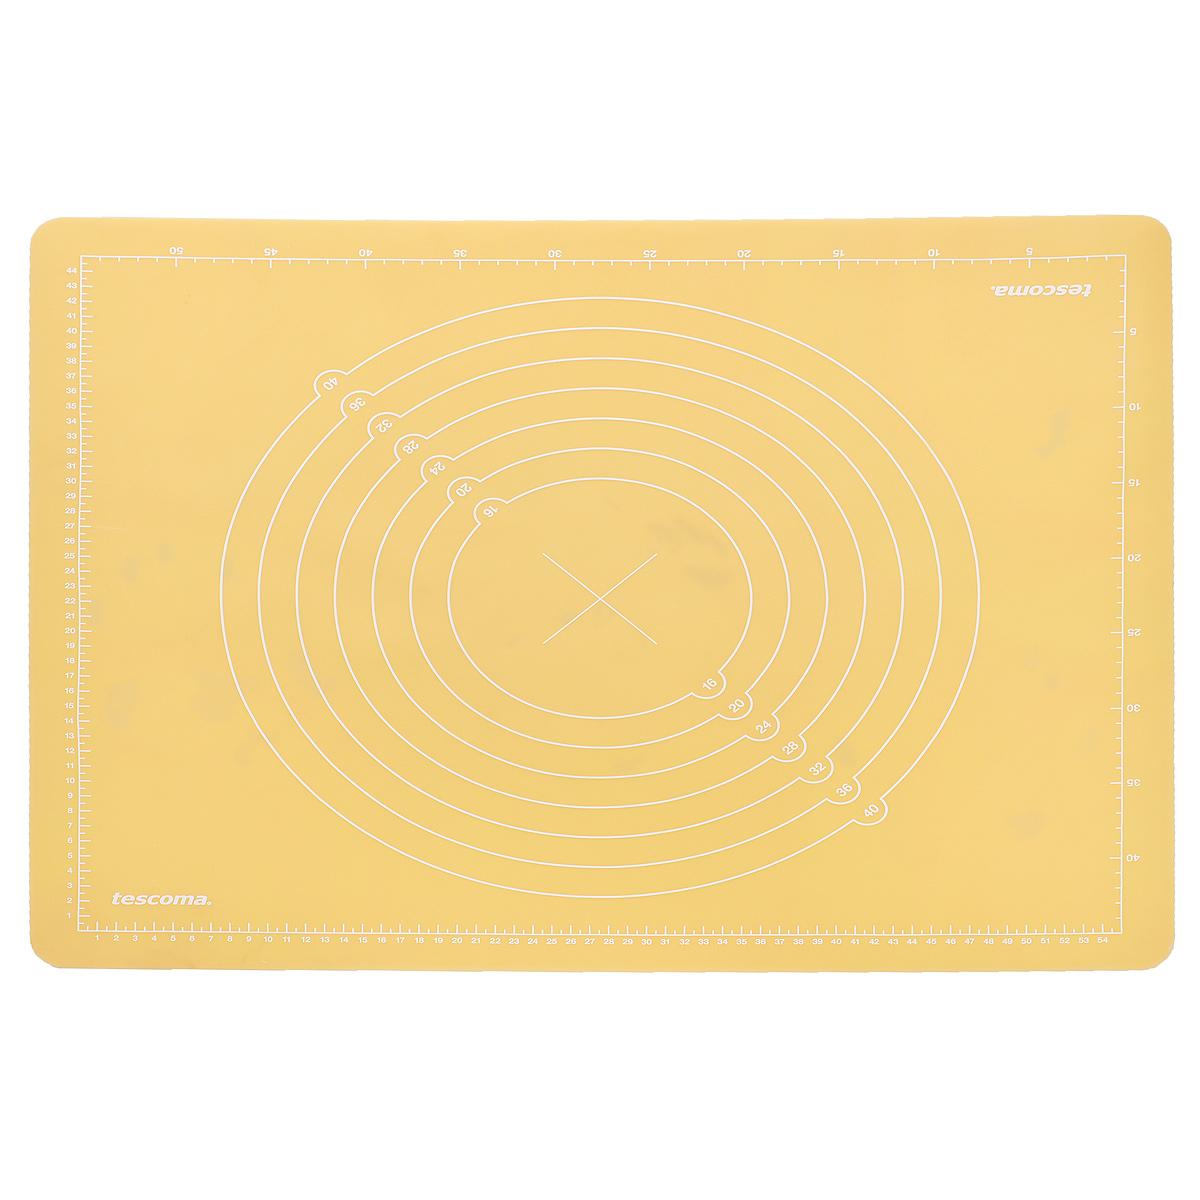 Доска силиконовая Tescoma Delicia Deco, цвет: желтый, 55 см х 45 см632880Силиконовая доска Tescoma Delicia Deco, больше напоминающая коврик, прекрасно подходит для приготовления и обработки марципанов и всех обычных видов теста. Изготовлена из высококачественного пищевого силикона. Благодаря специальной обработке поверхности, марципан не прилипает к доске и после раскатывания идеально гладкий. Доска плотно прилипает к столу, оснащена шкалой для точного измерения и нарезки, легко чистится, после использования можно свернуть или сложить. Доску также можно использовать в качестве подставки под горячее. Подходит для мытья в посудомоечной машине.